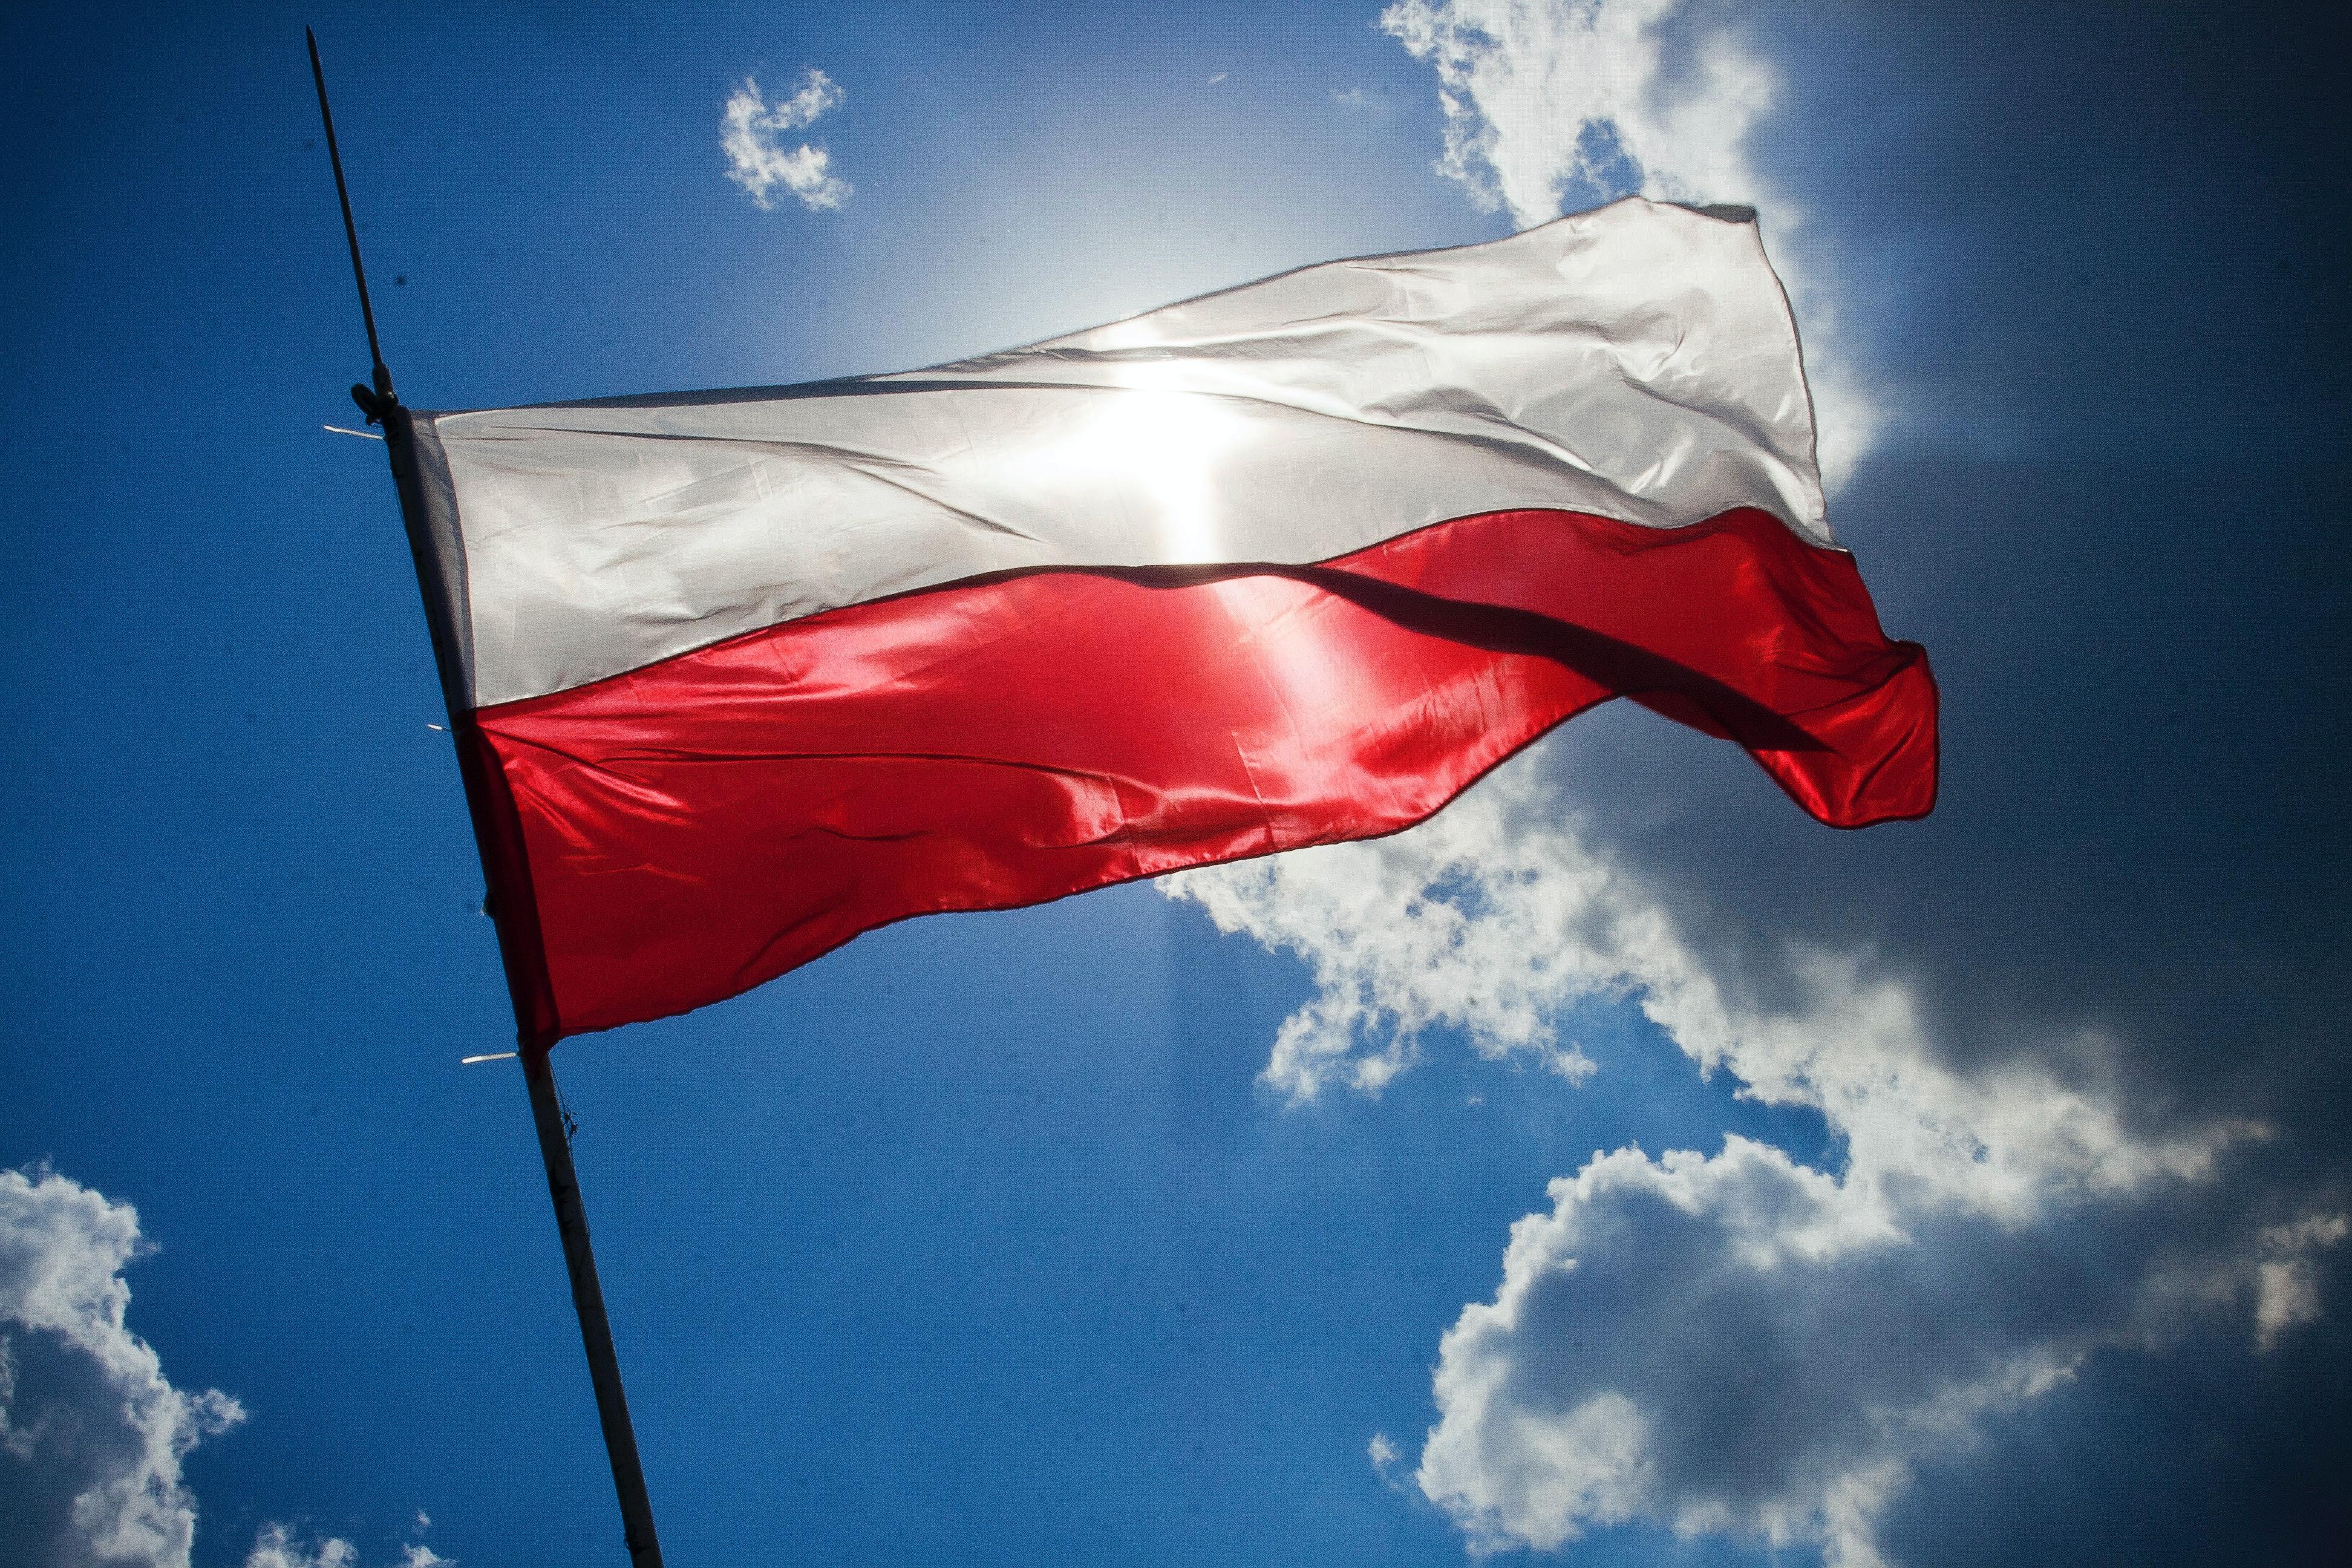 Flag Of Poland 183 Free Stock Photo